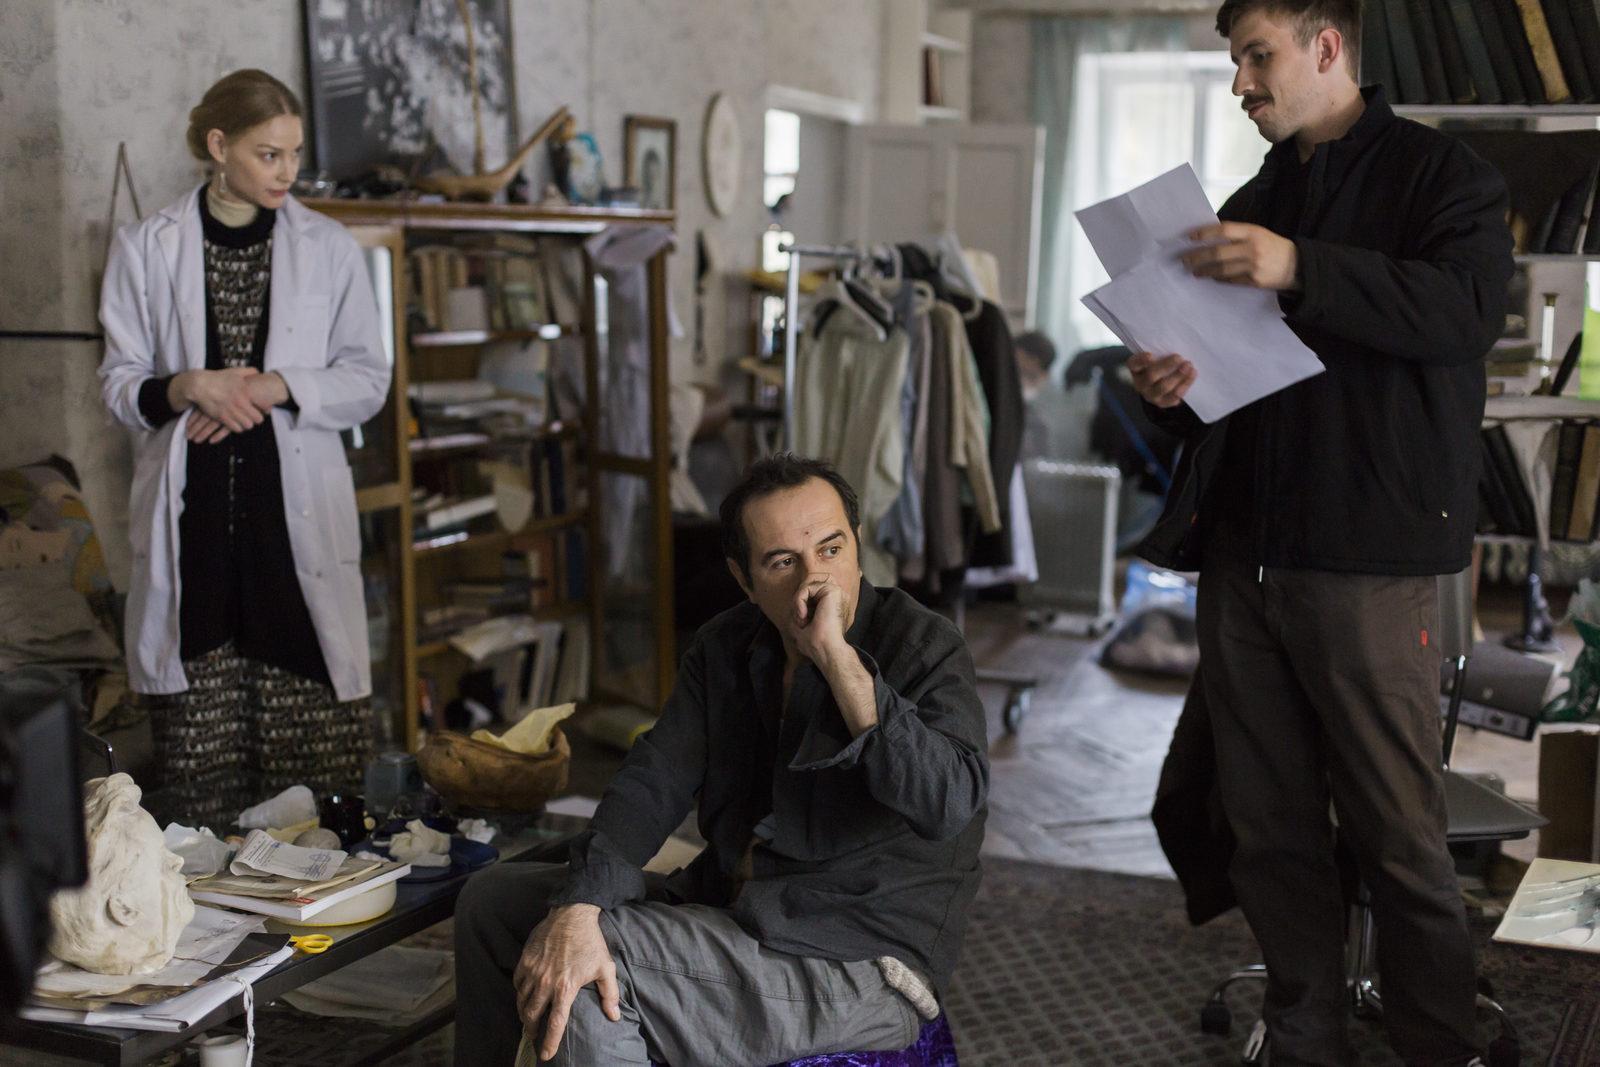 Мераб Нинидзе борется с коррупцией в трейлере фильма «Дело» Алексея Германа-младшего